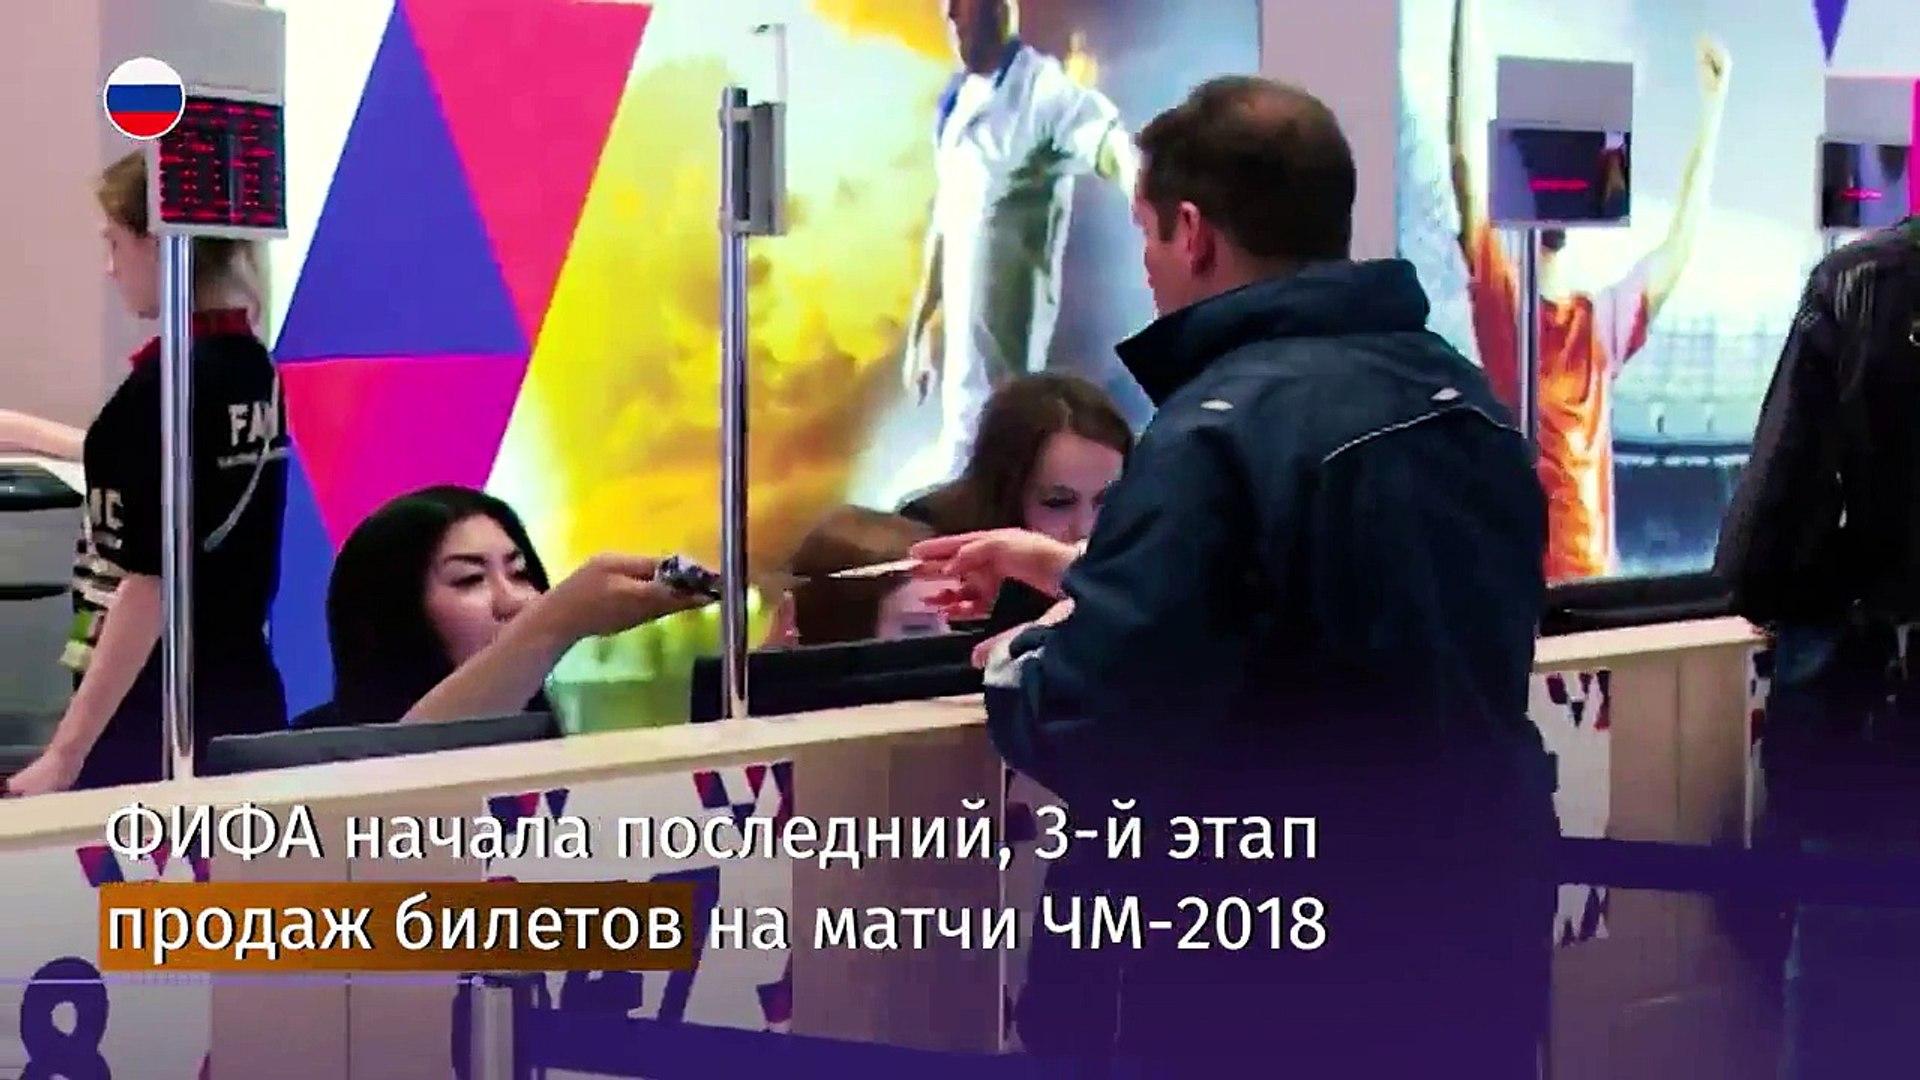 Стартовал последний этап продажи билетов на матчи ЧМ 2018